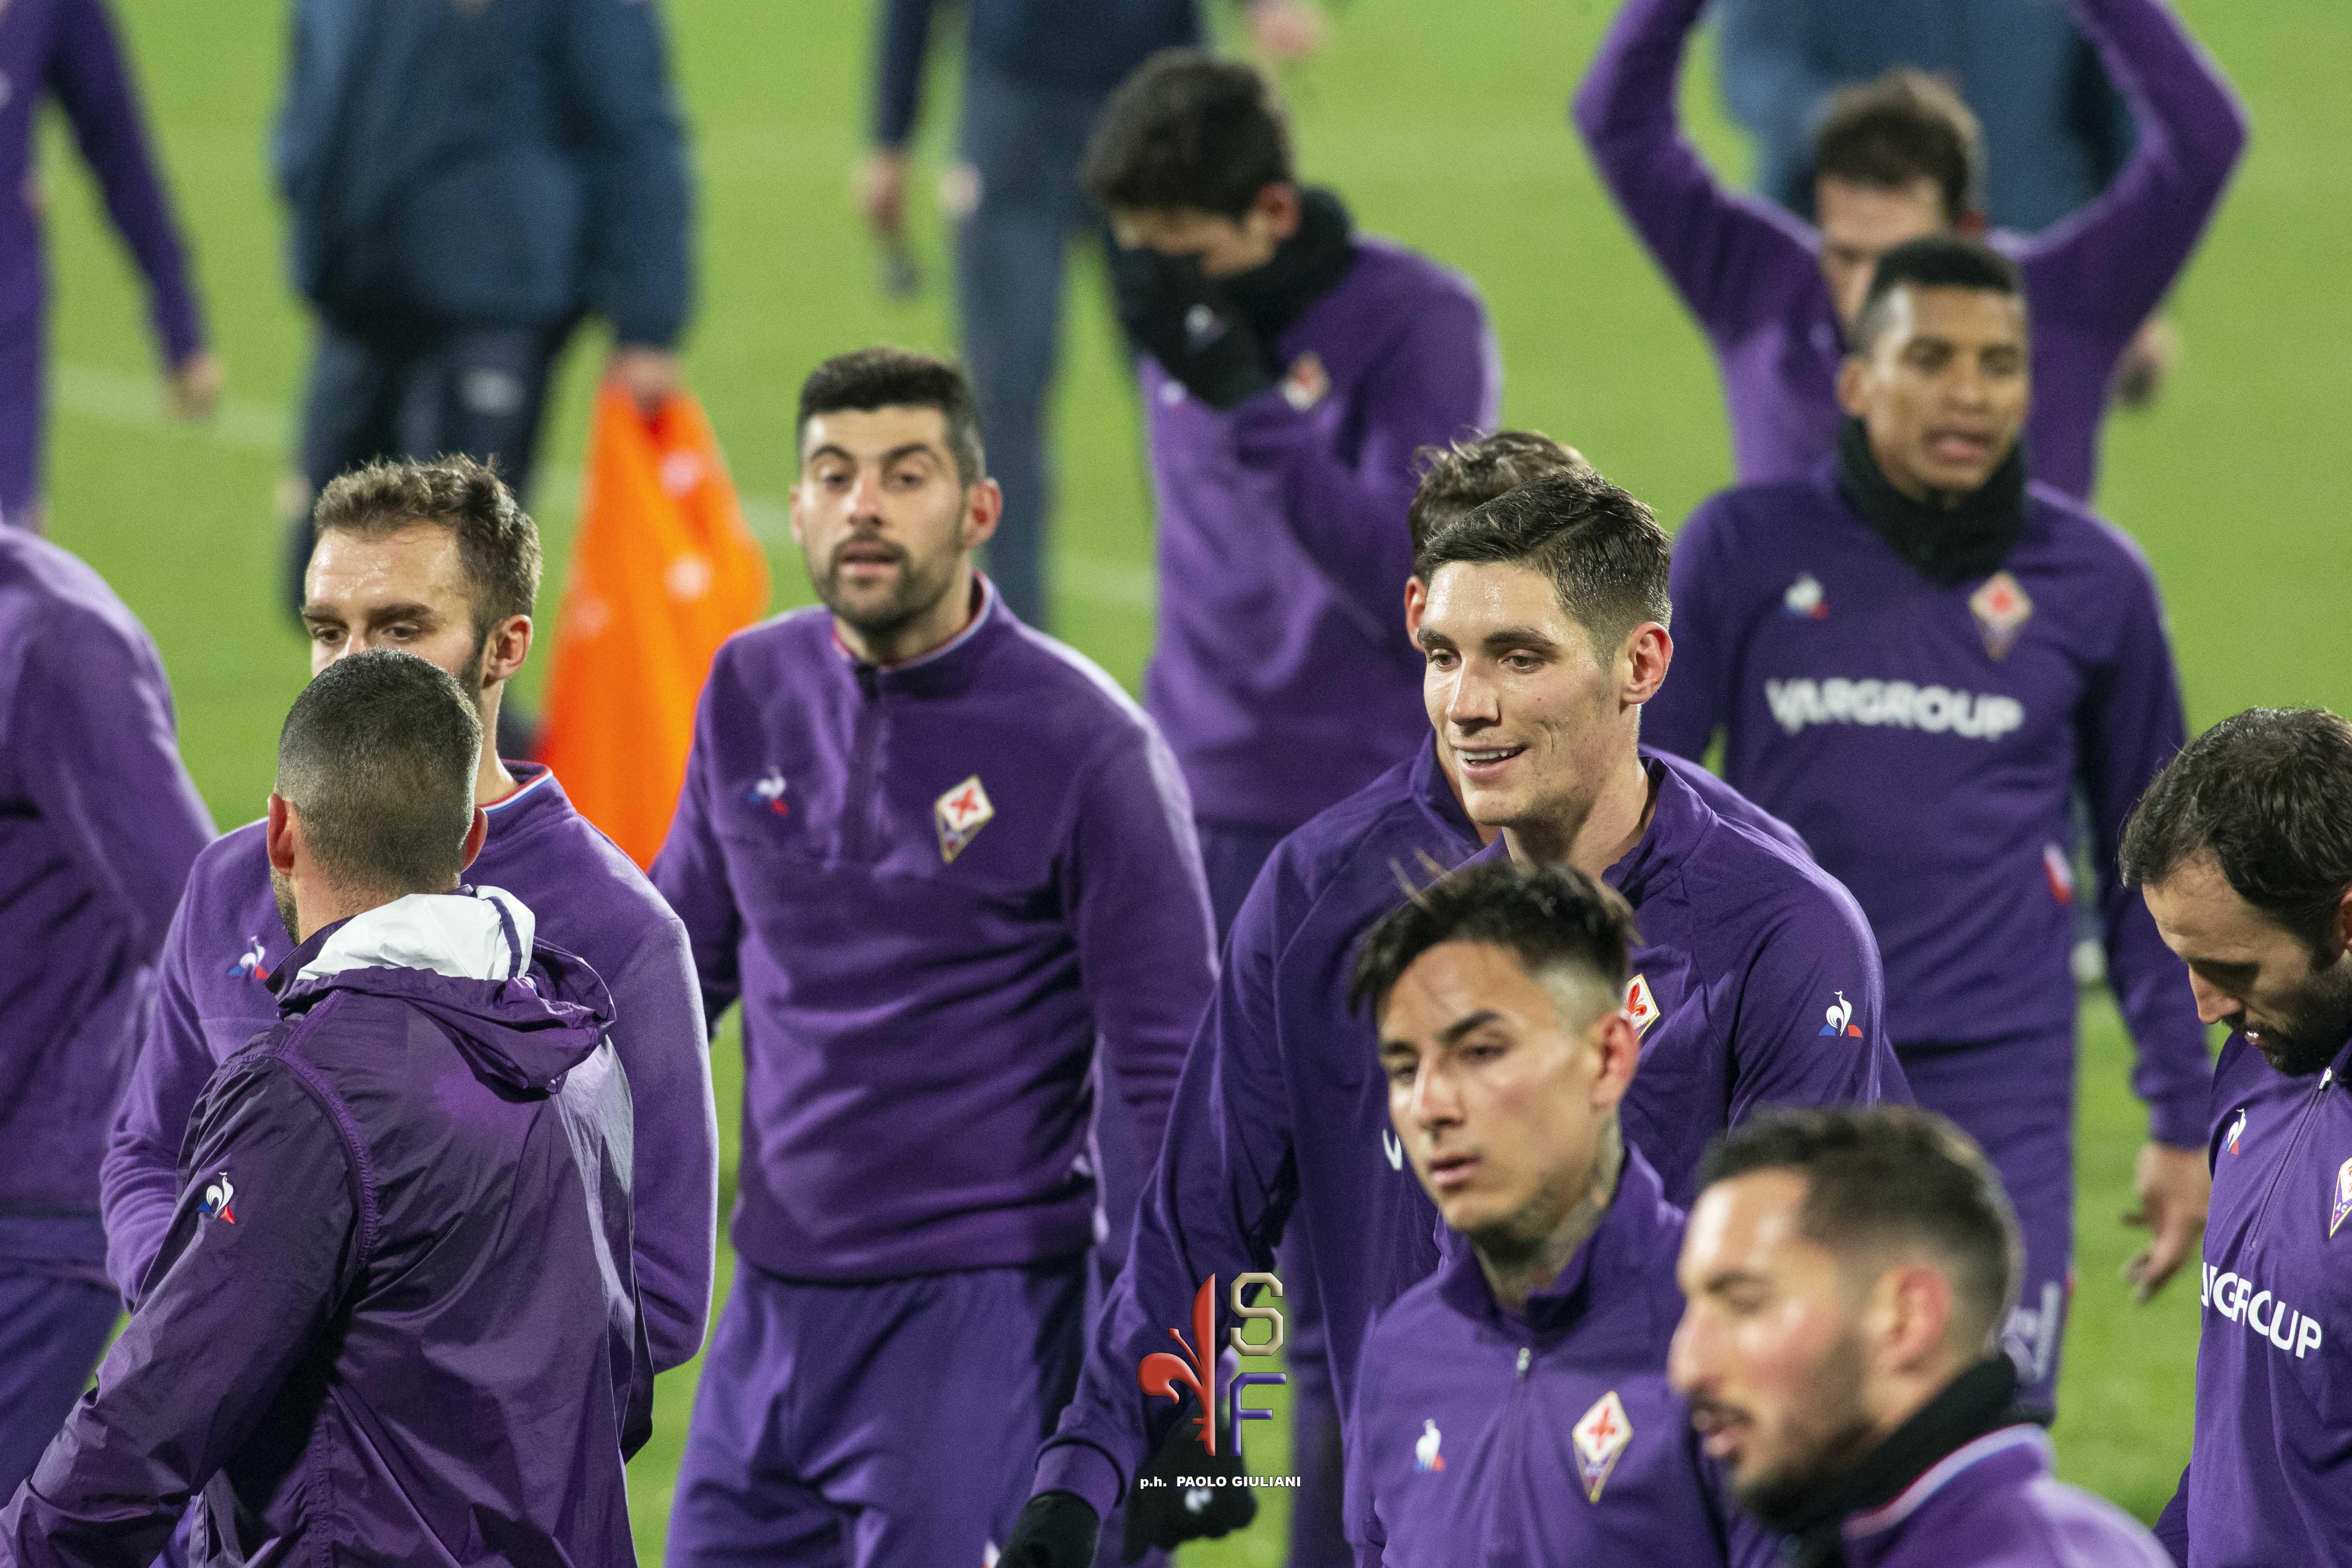 Qui Fiorentina: In pochi mesi cambiano le prospettive: i nomi di questo mercato non sono più da Top-Club